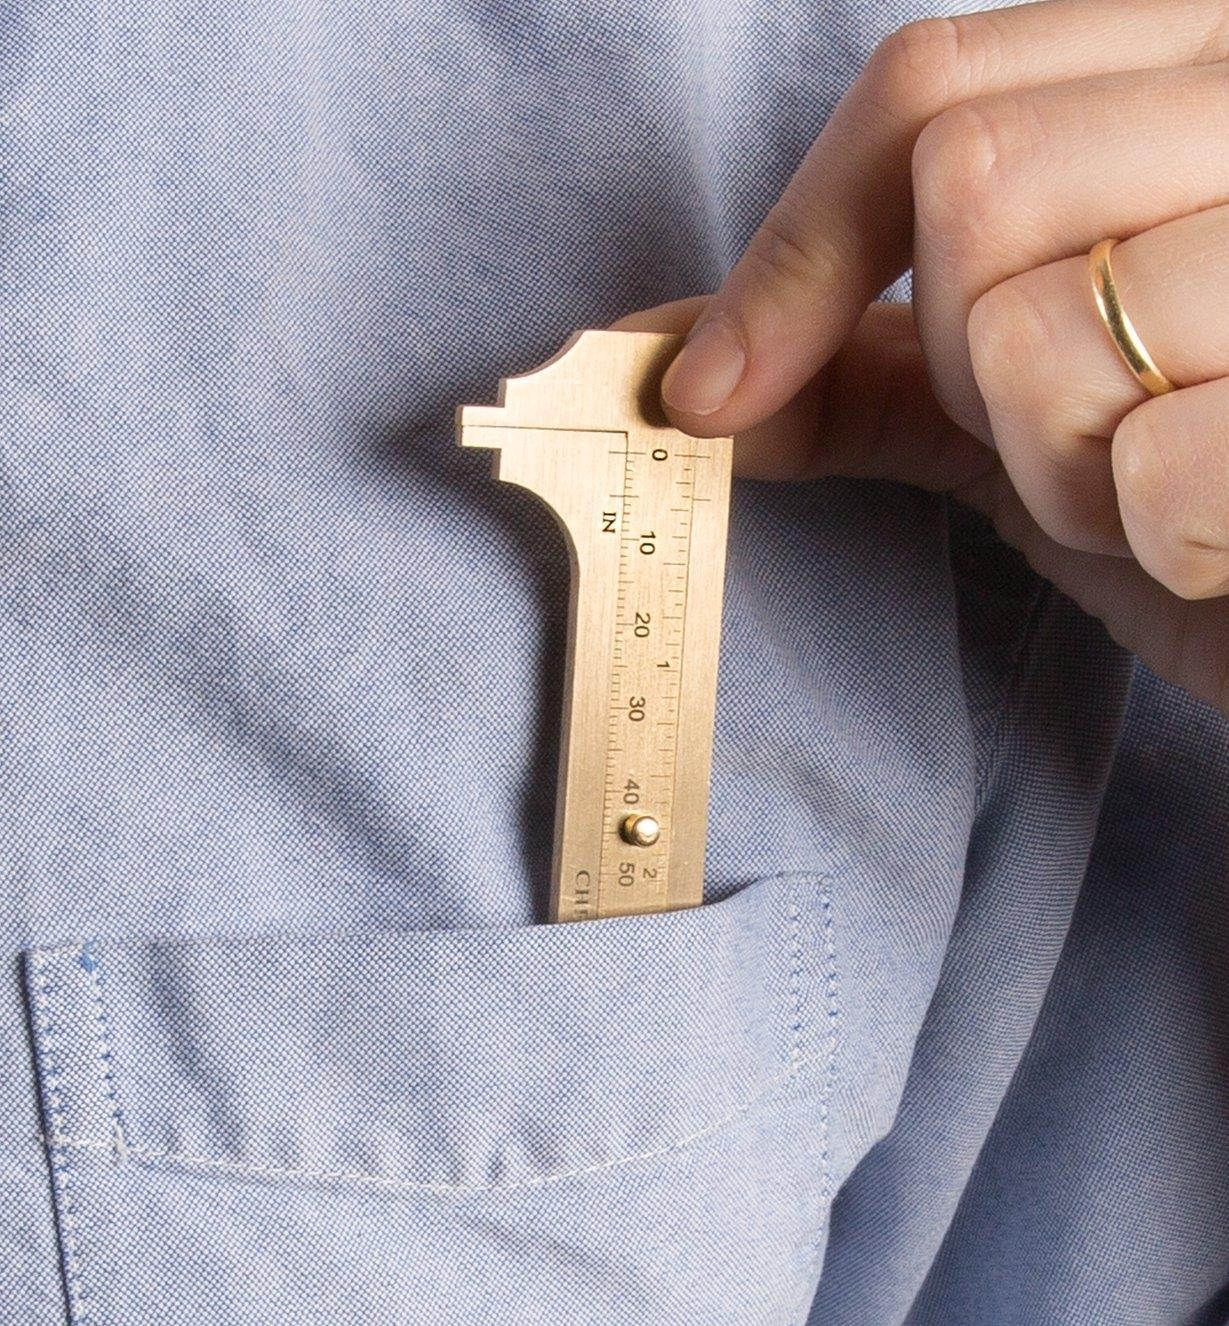 Slipping a Brass Caliper into a shirt pocket